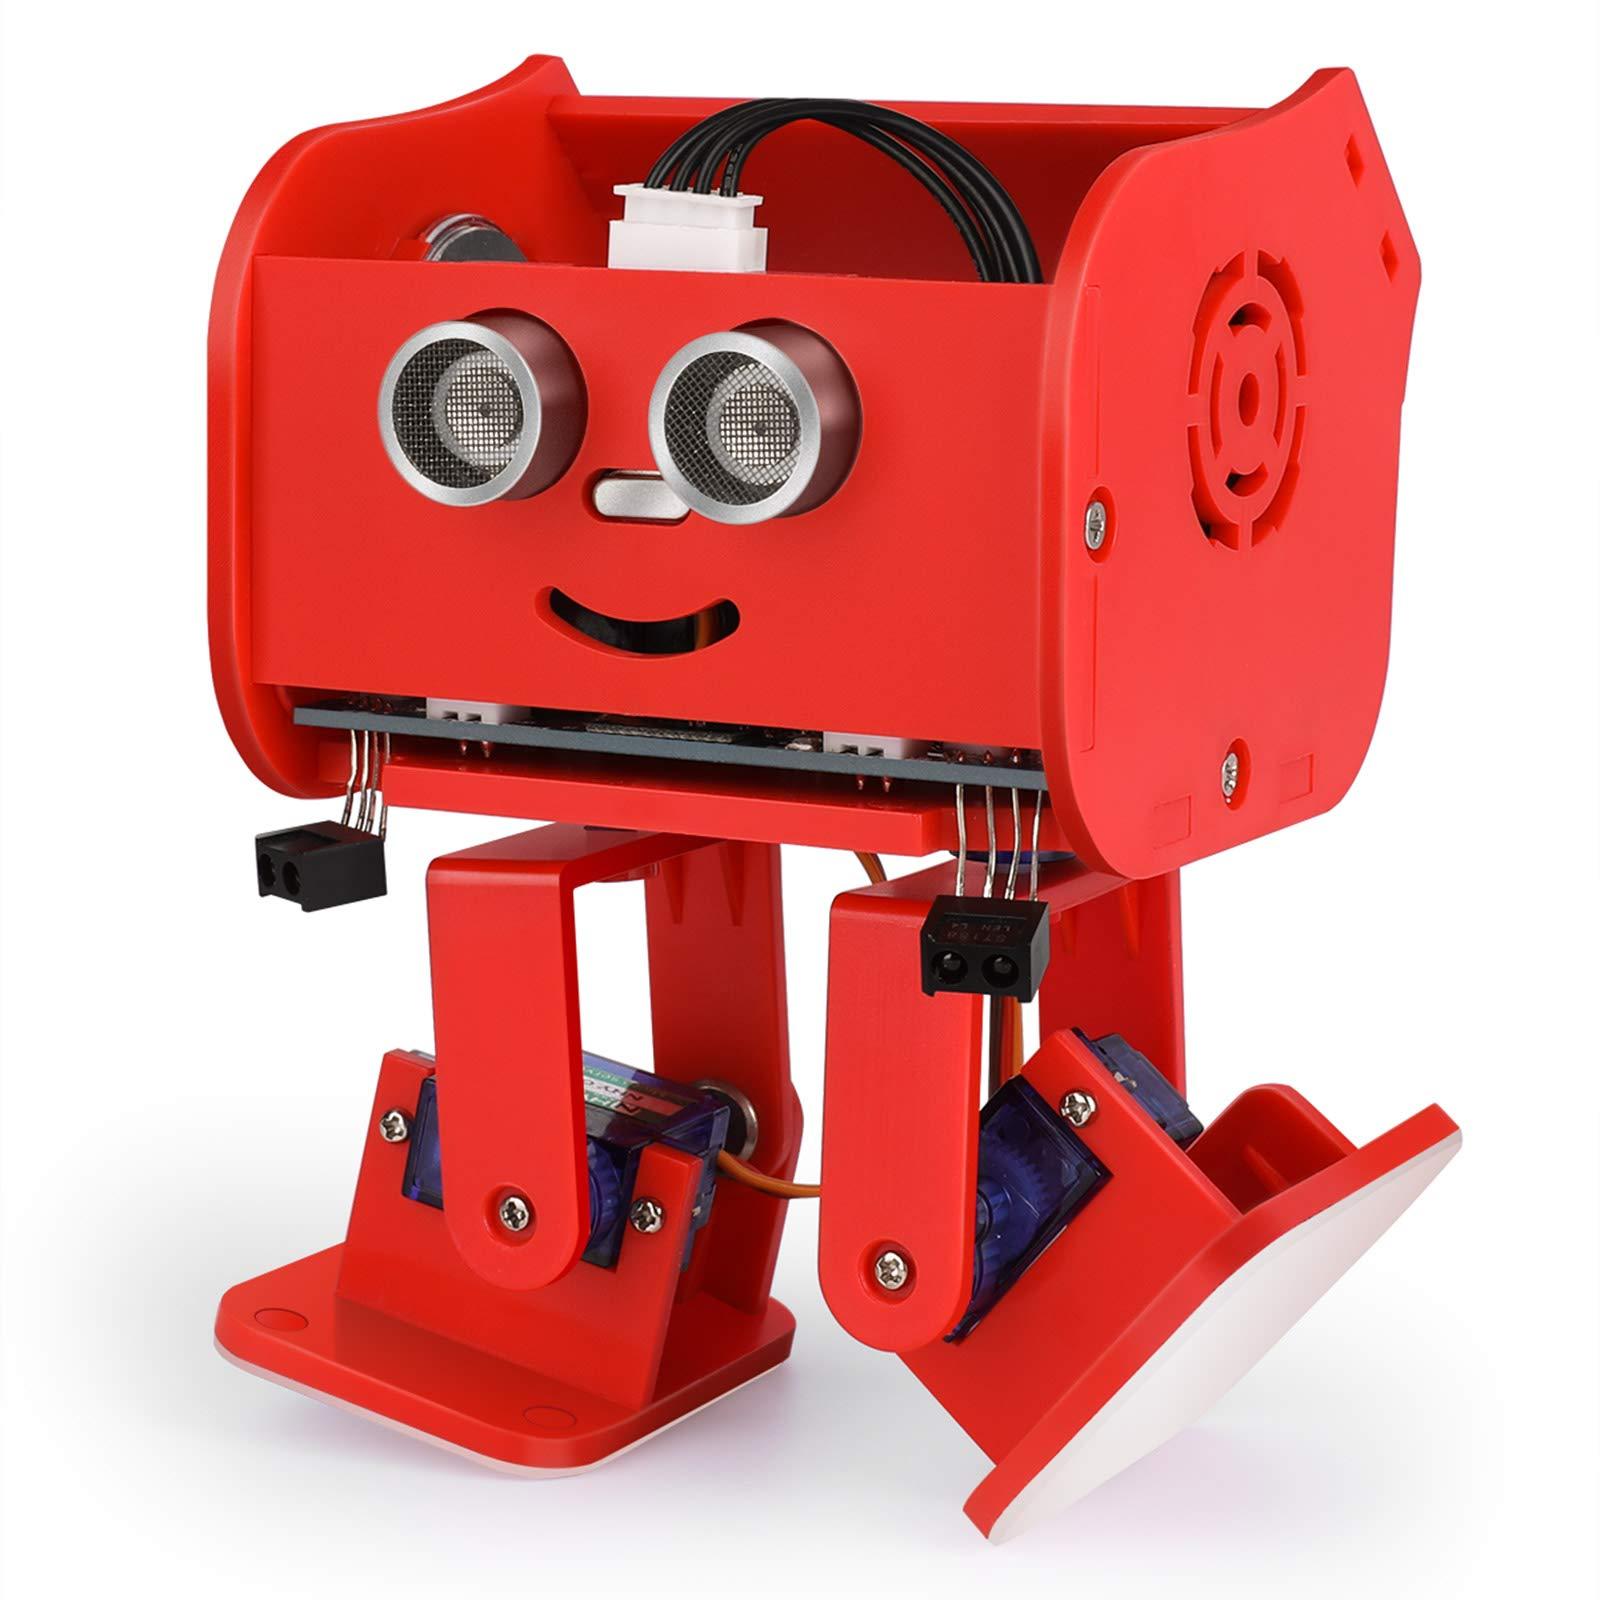 Robot Educativo para armar y programar en Arduino ELEGOO c